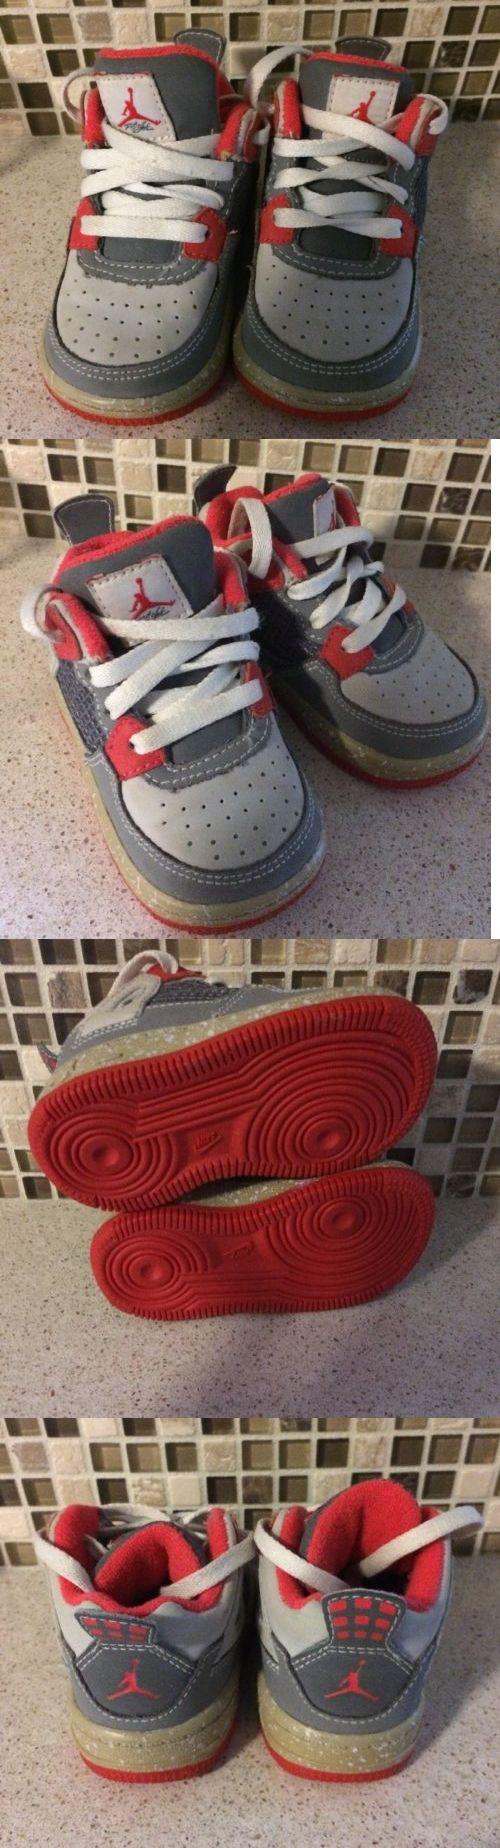 Michael Jordan Baby Clothing: Nike Michael Jordan Shoes Toddler (Size 4C) 365372-061 -> BUY IT NOW ONLY: $19.99 on eBay!